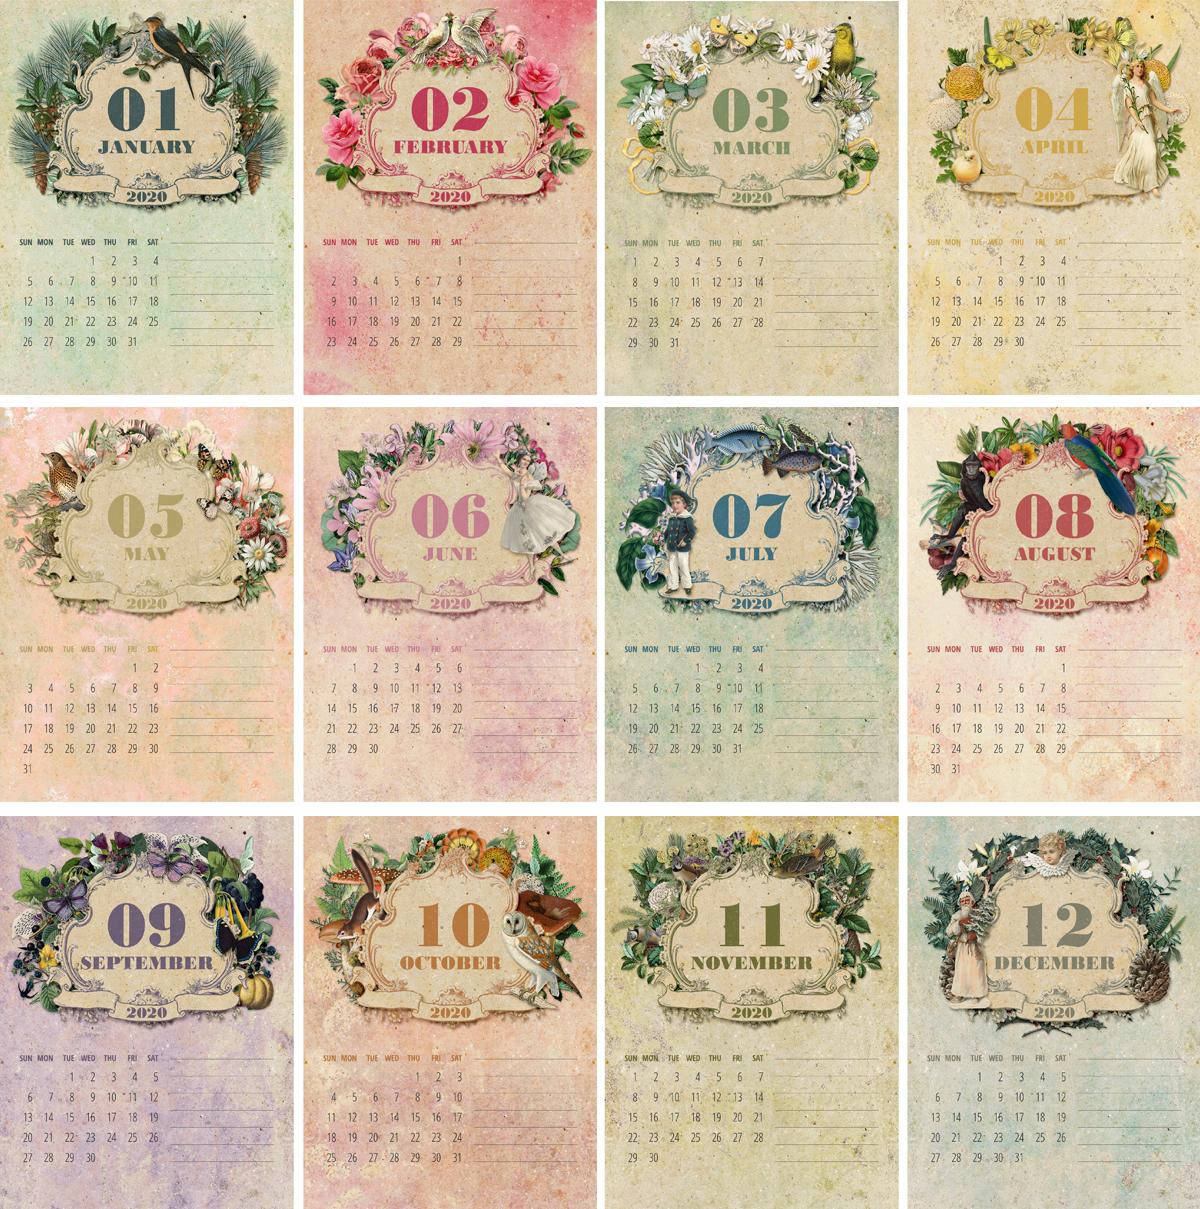 Free Printable Calendar 2020 – Cd Case Calendar! - The